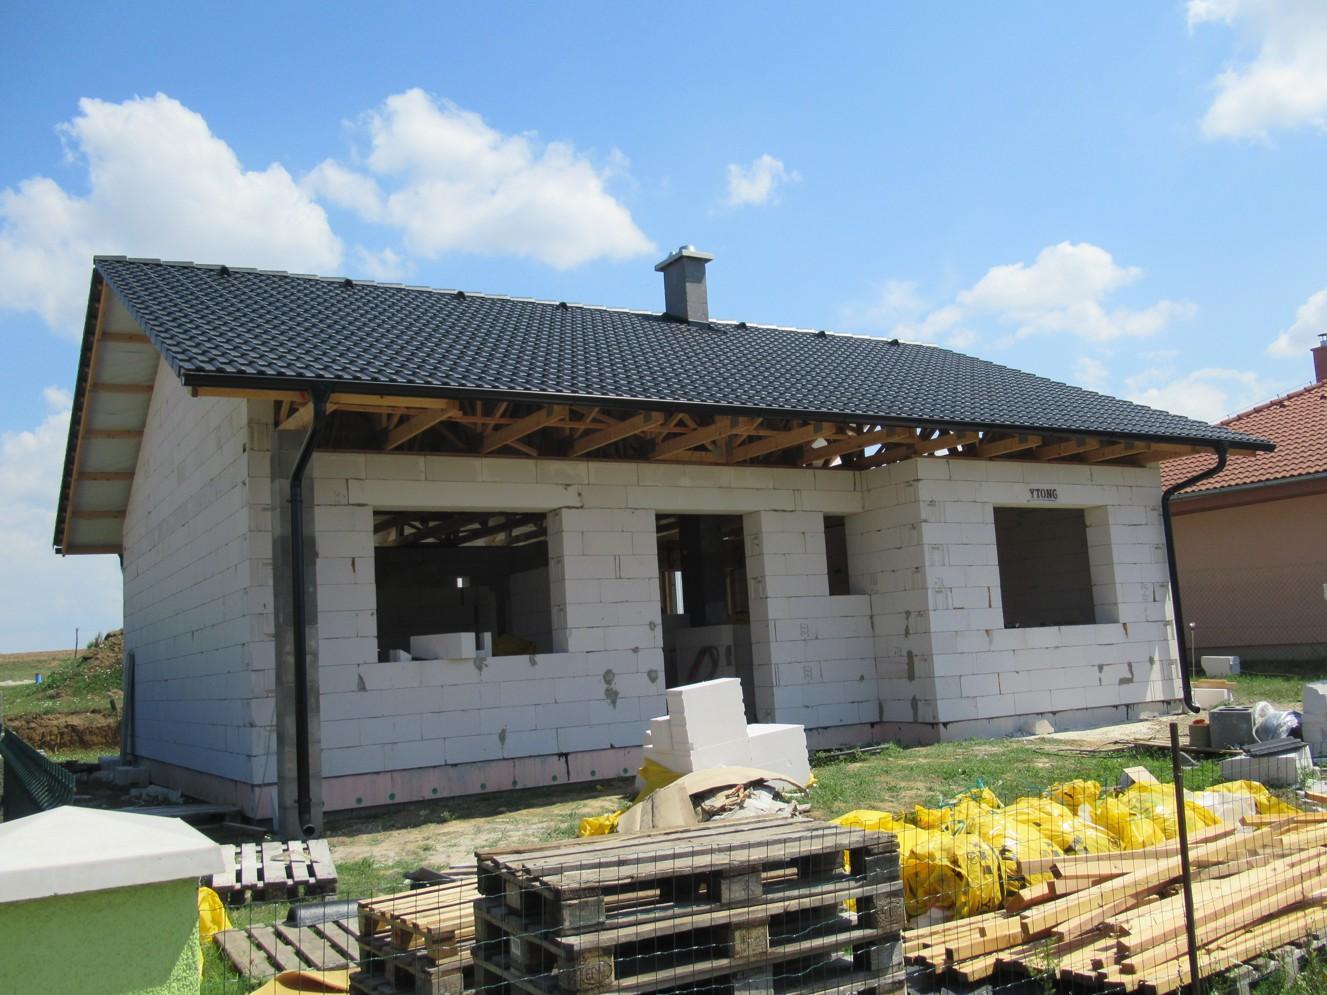 Väzníková strecha na kľúč s krytinou Bramac Klasik Protector Melek okr. Nitra - Obrázok č. 2